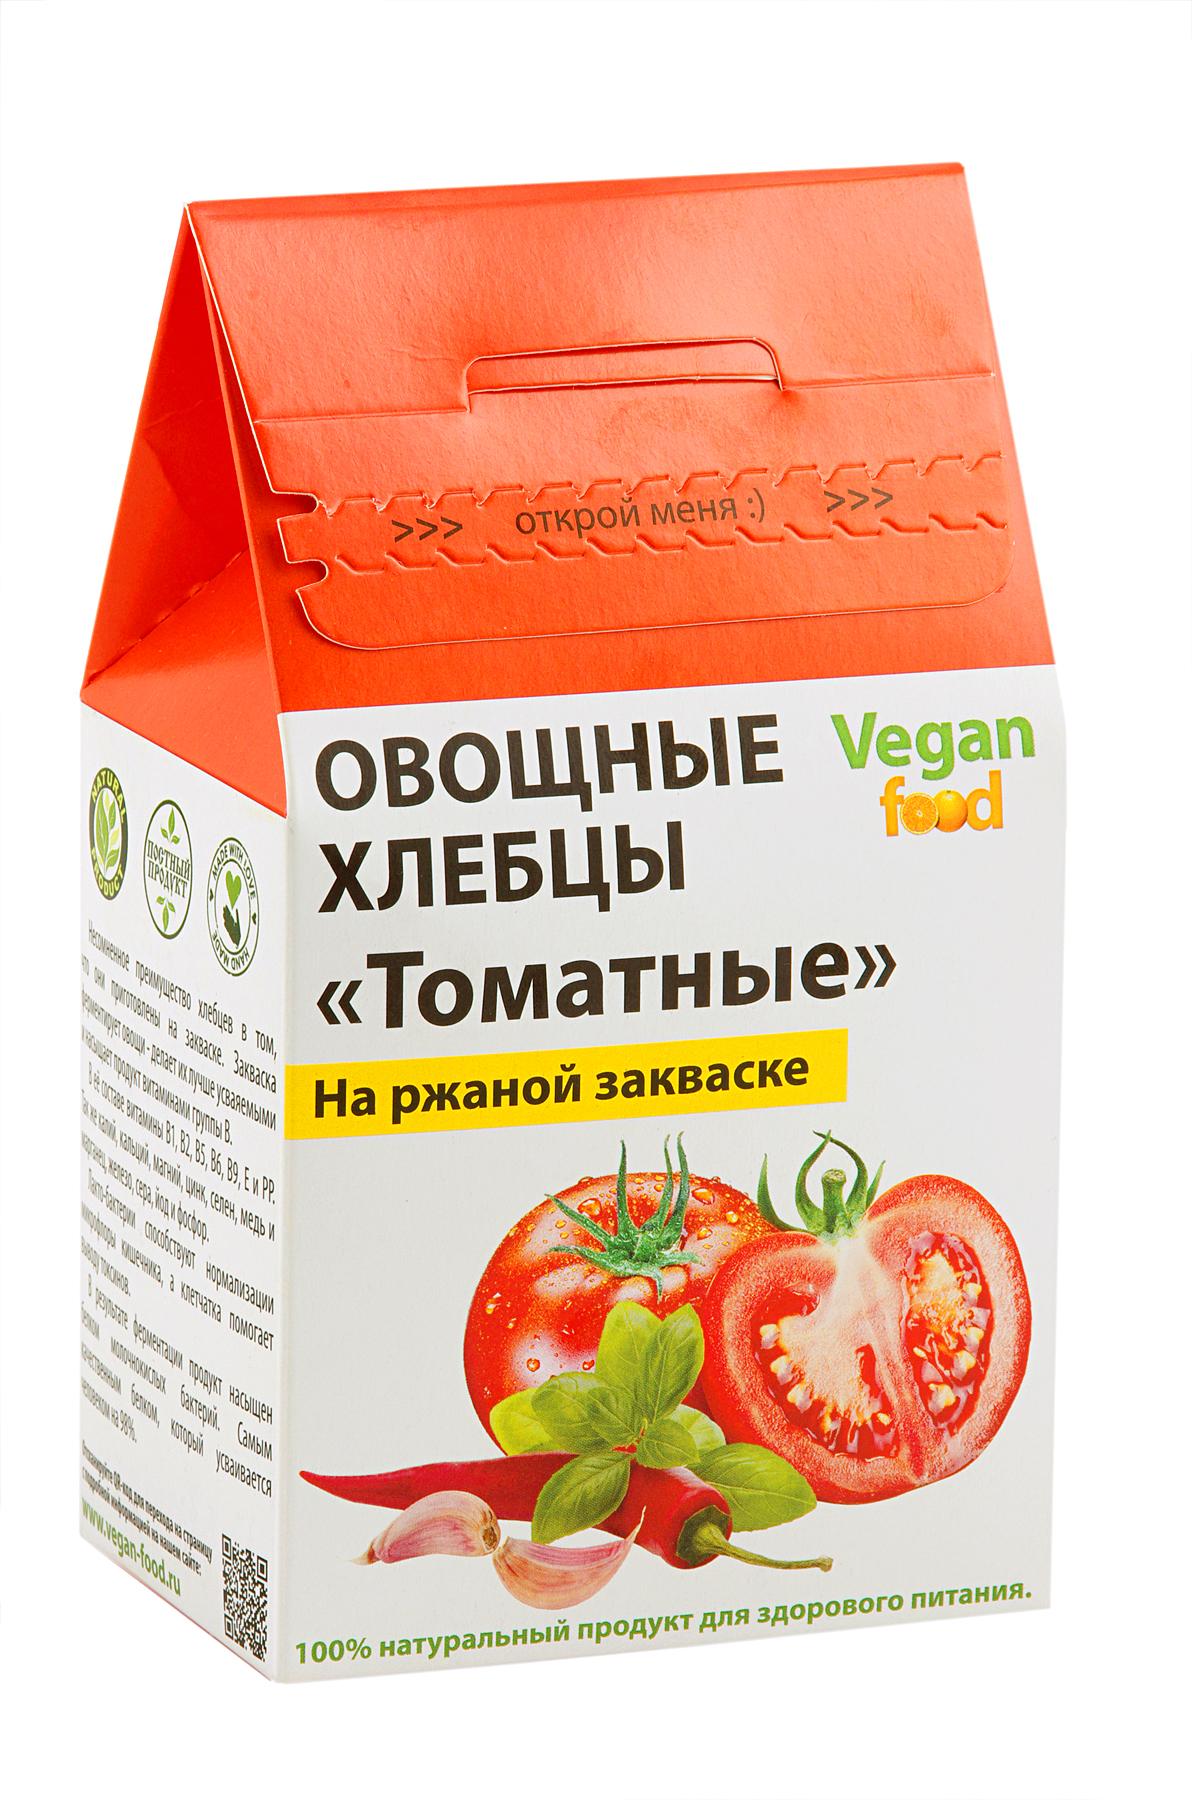 Хлебцы Vegan-food овощные на закваске томатные 100 г фото